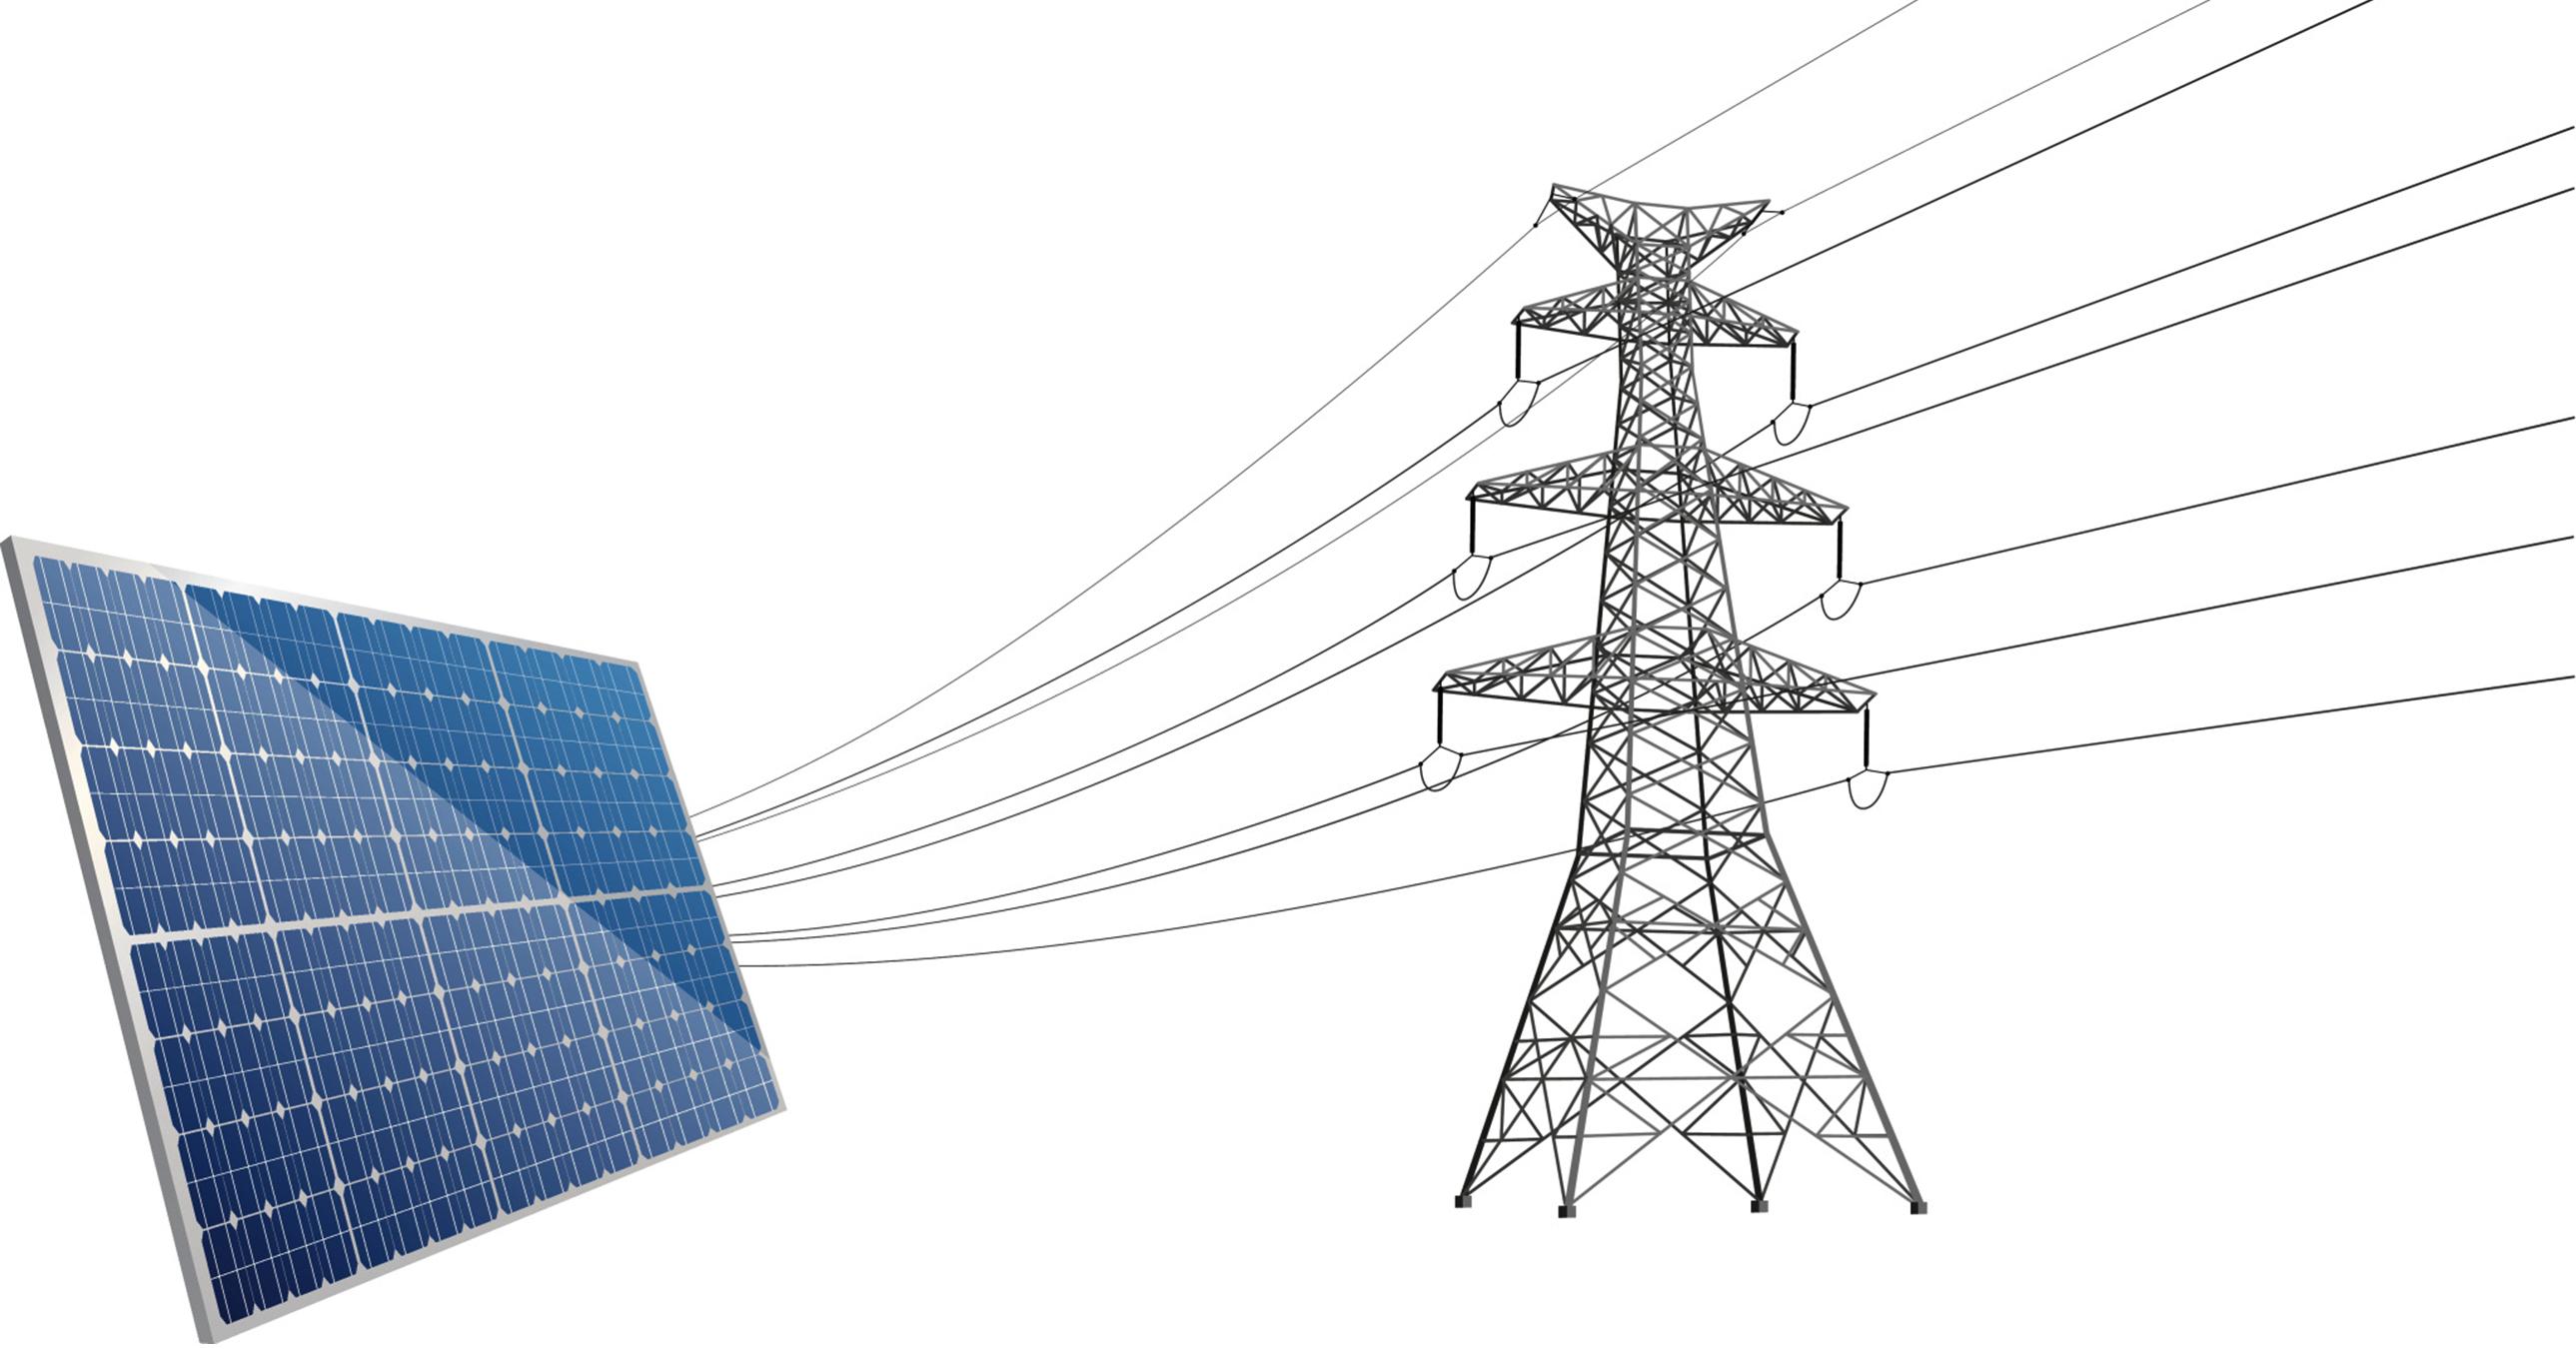 Solar Energy, Grid, Power Grid, Energy Grid, YSG Solar